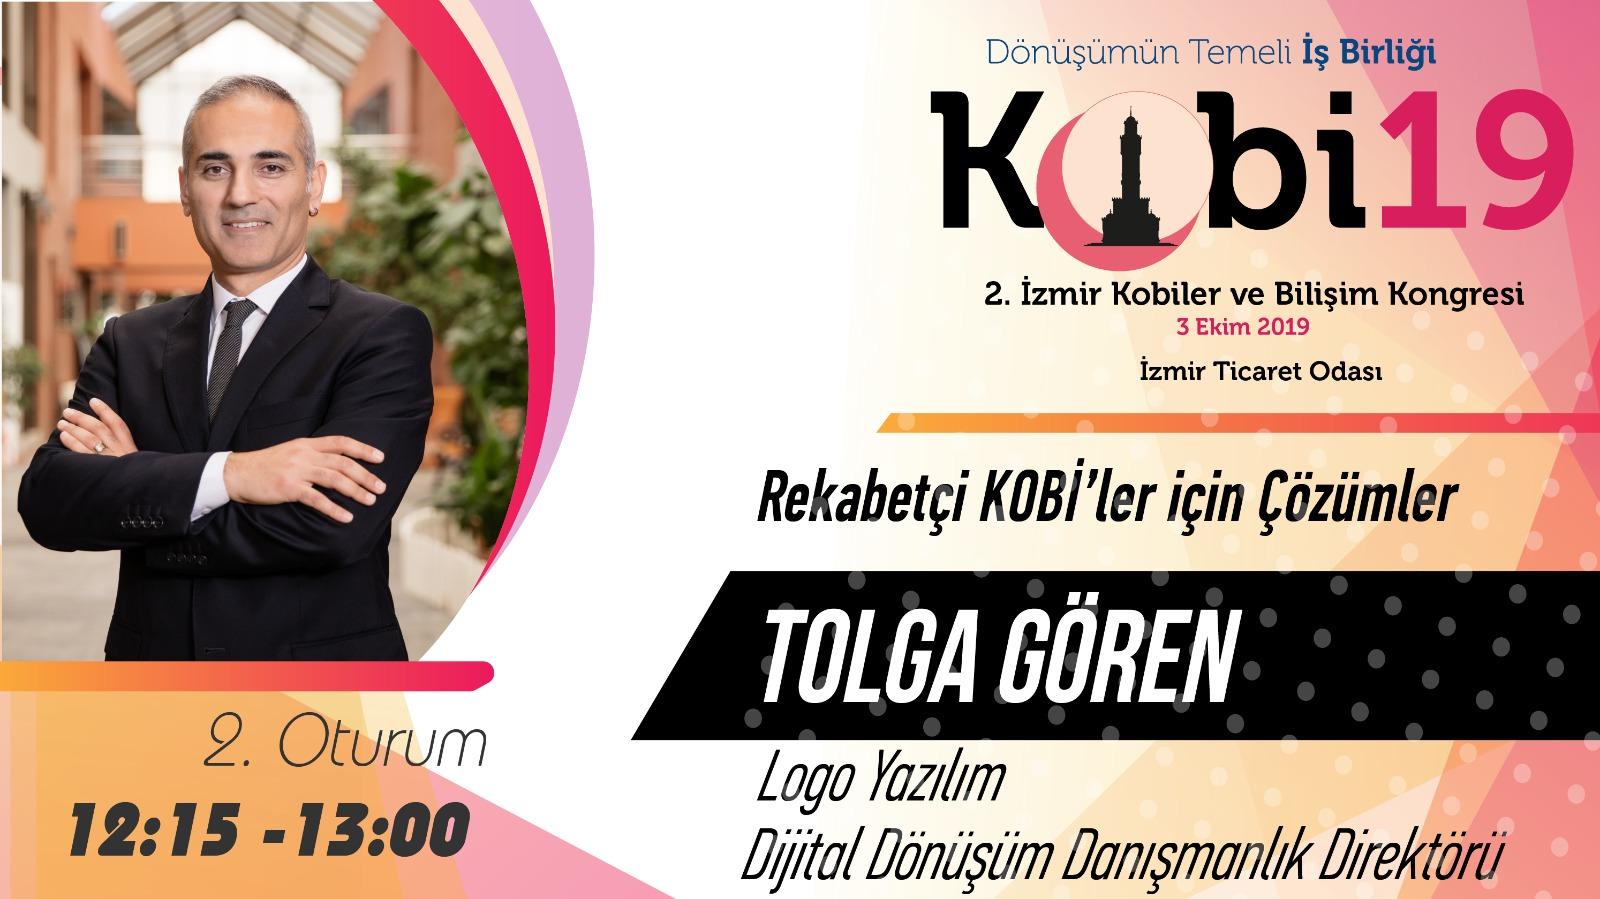 Tolga GÖREN - 2. İzmir Kobiler ve Bilişim Kongresi 2019